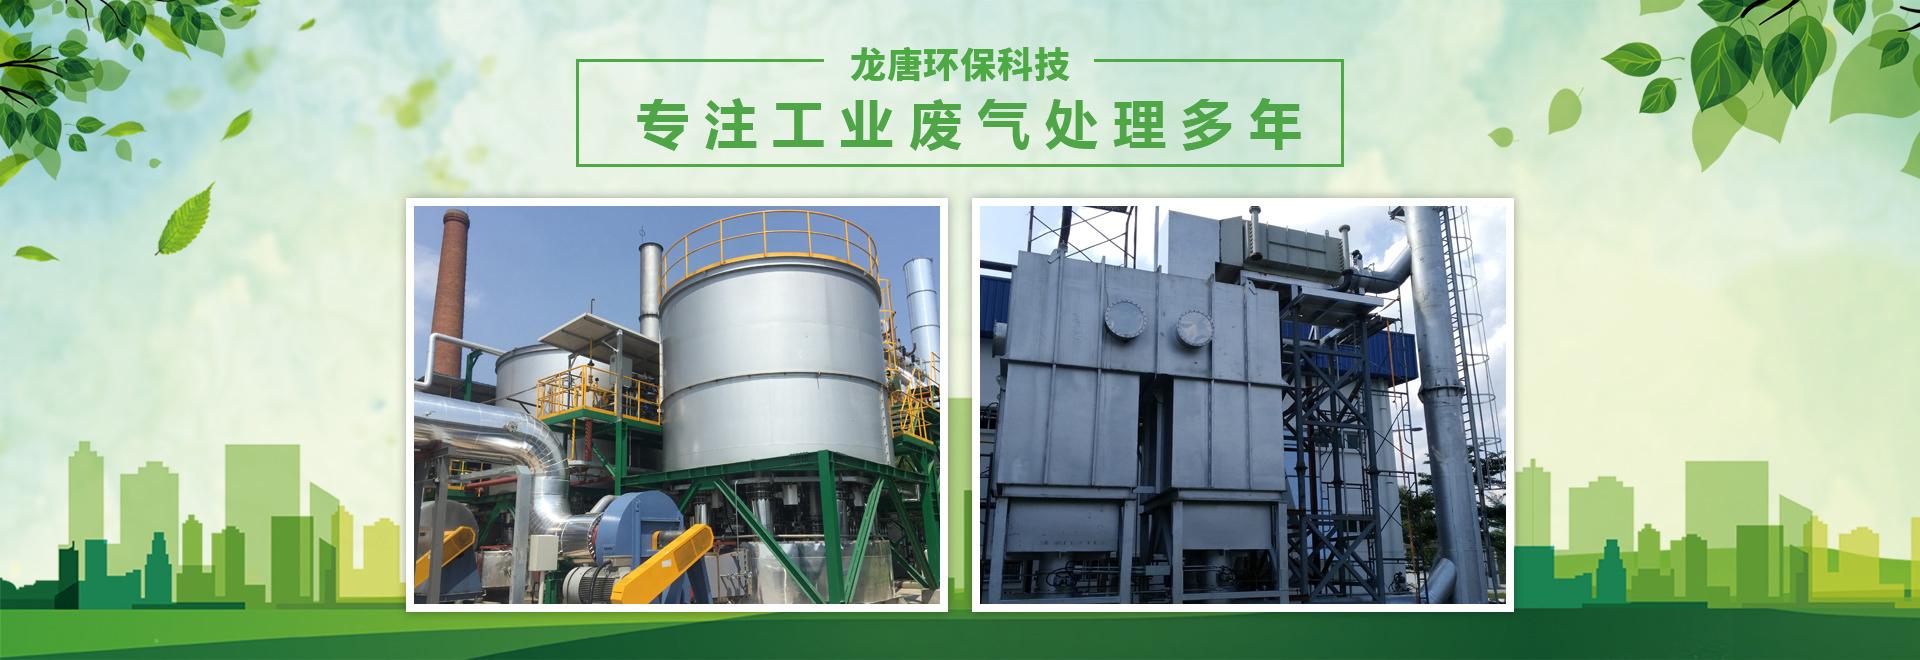 重庆工业废气治理